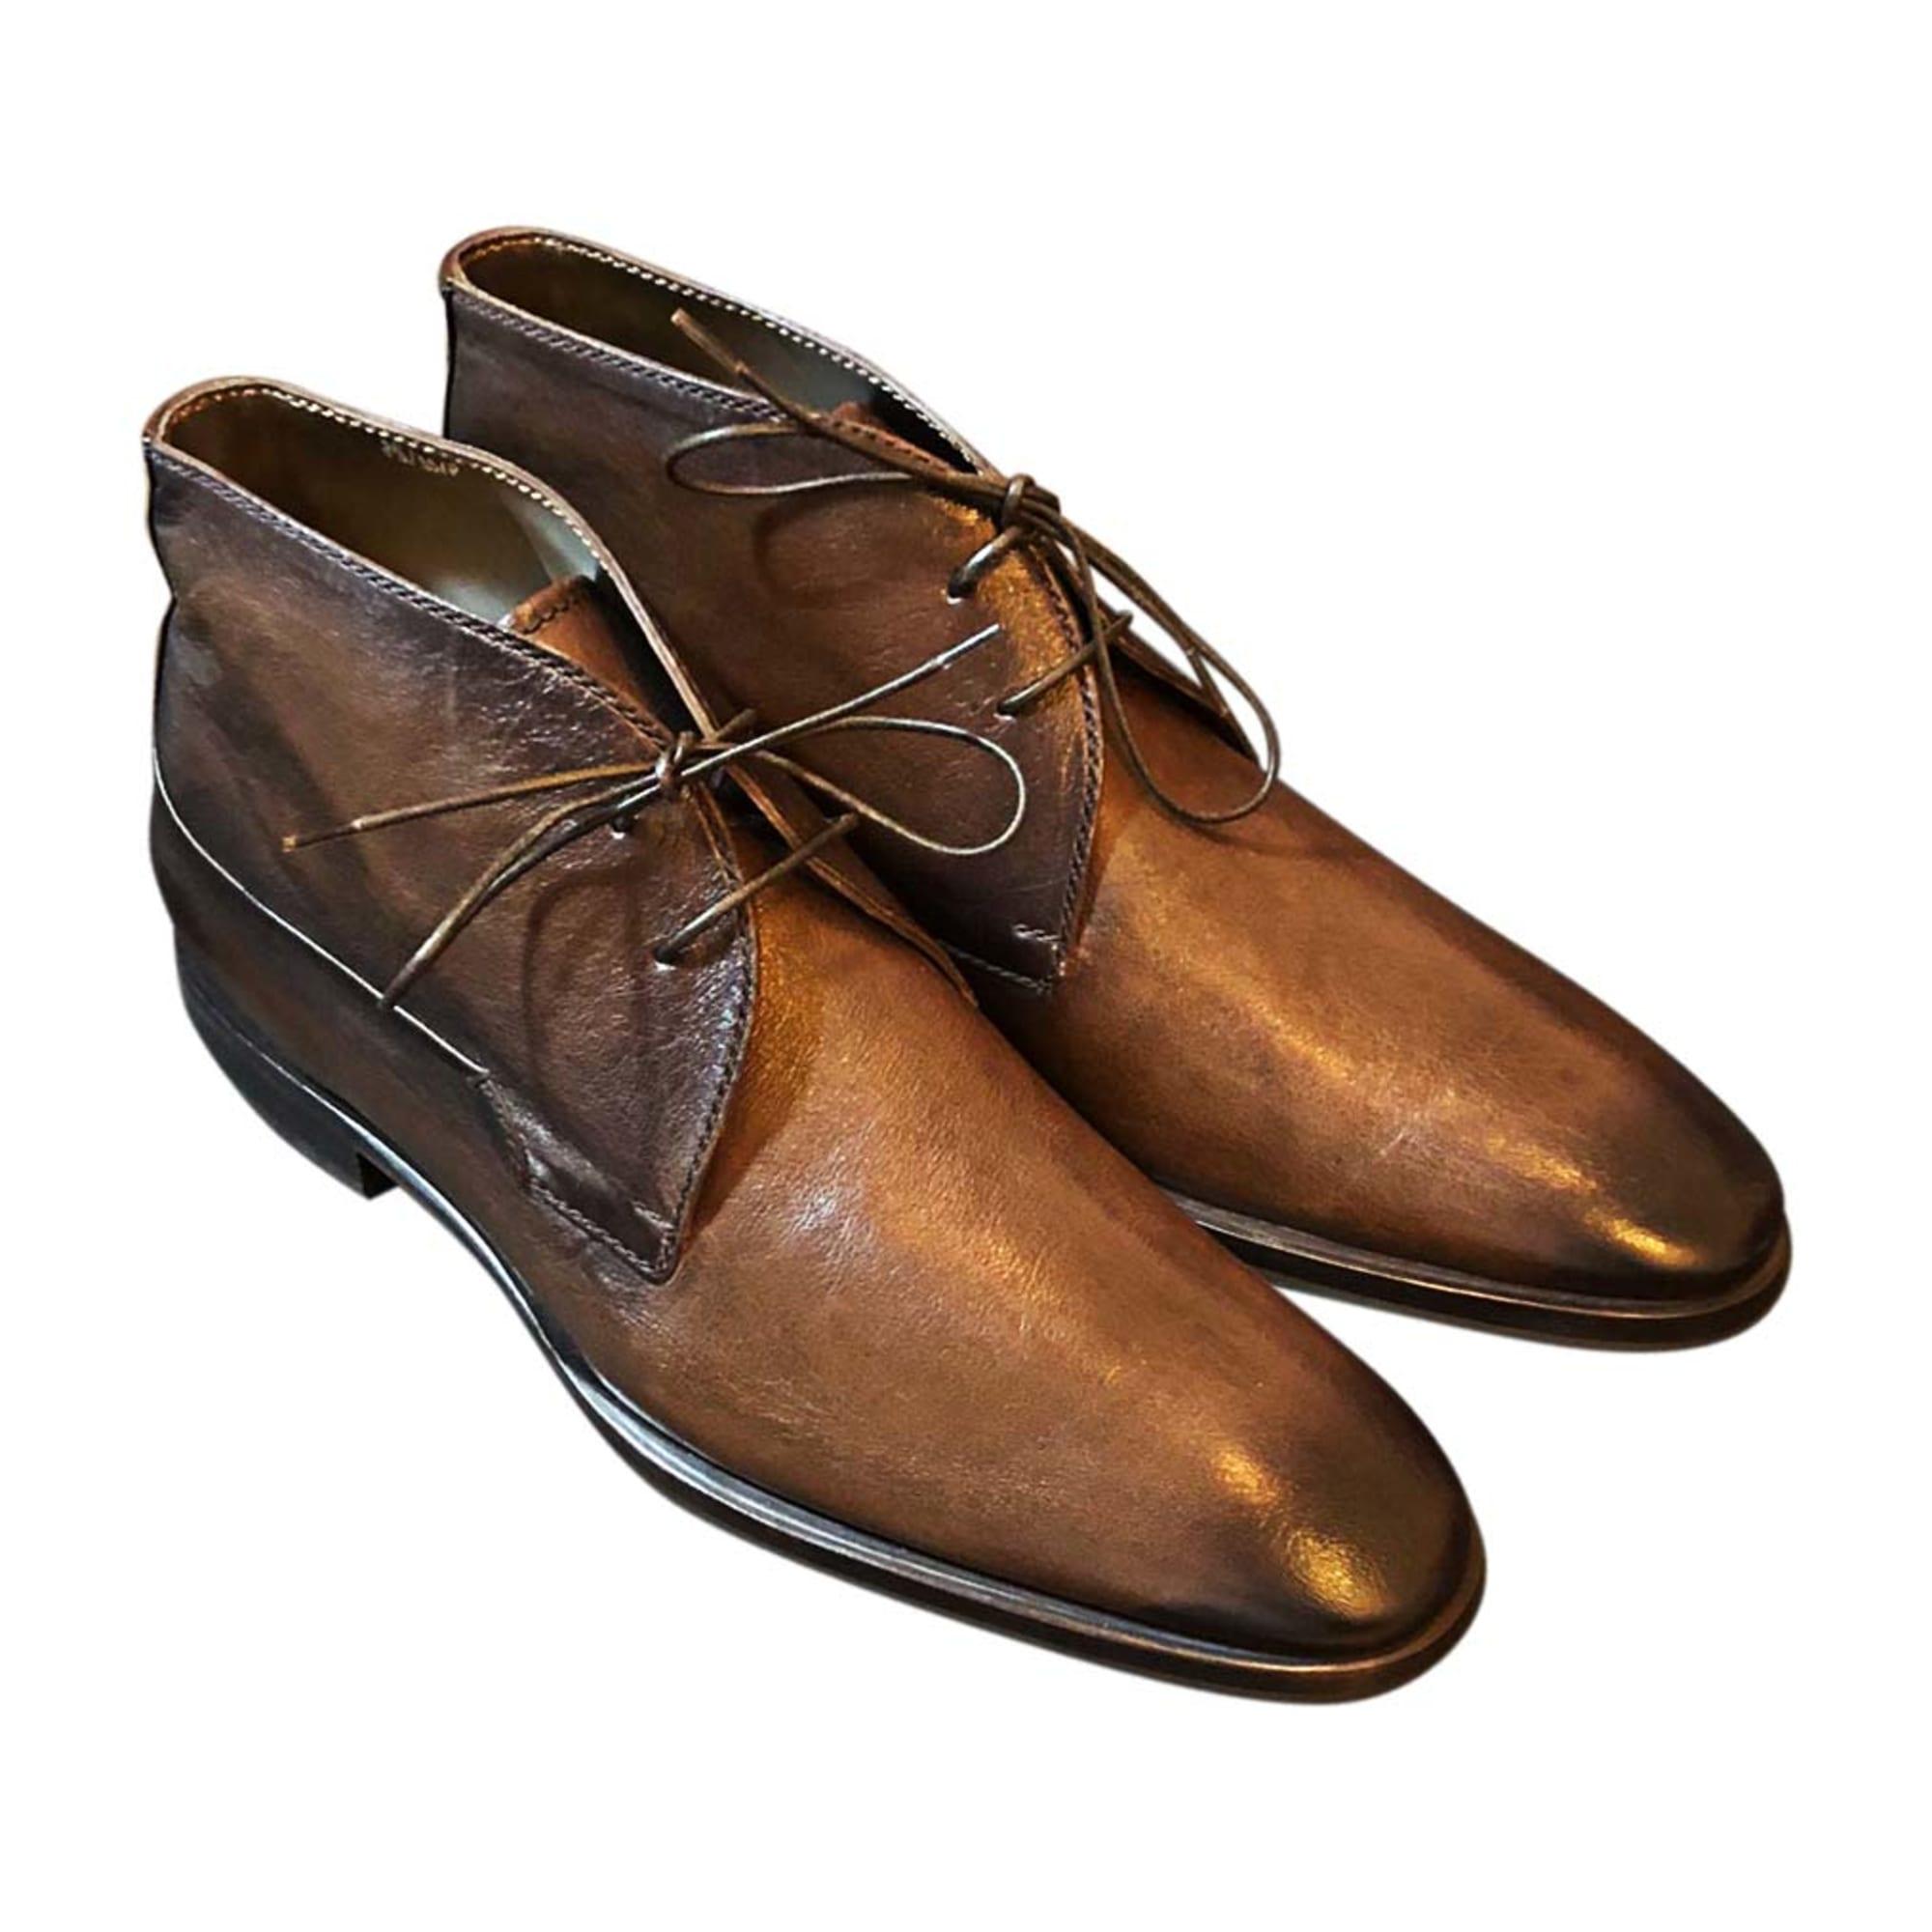 1003c08b7fd7 Chaussures à lacets BERLUTI 42,5 marron vendu par Fanny1073901 - 7494040